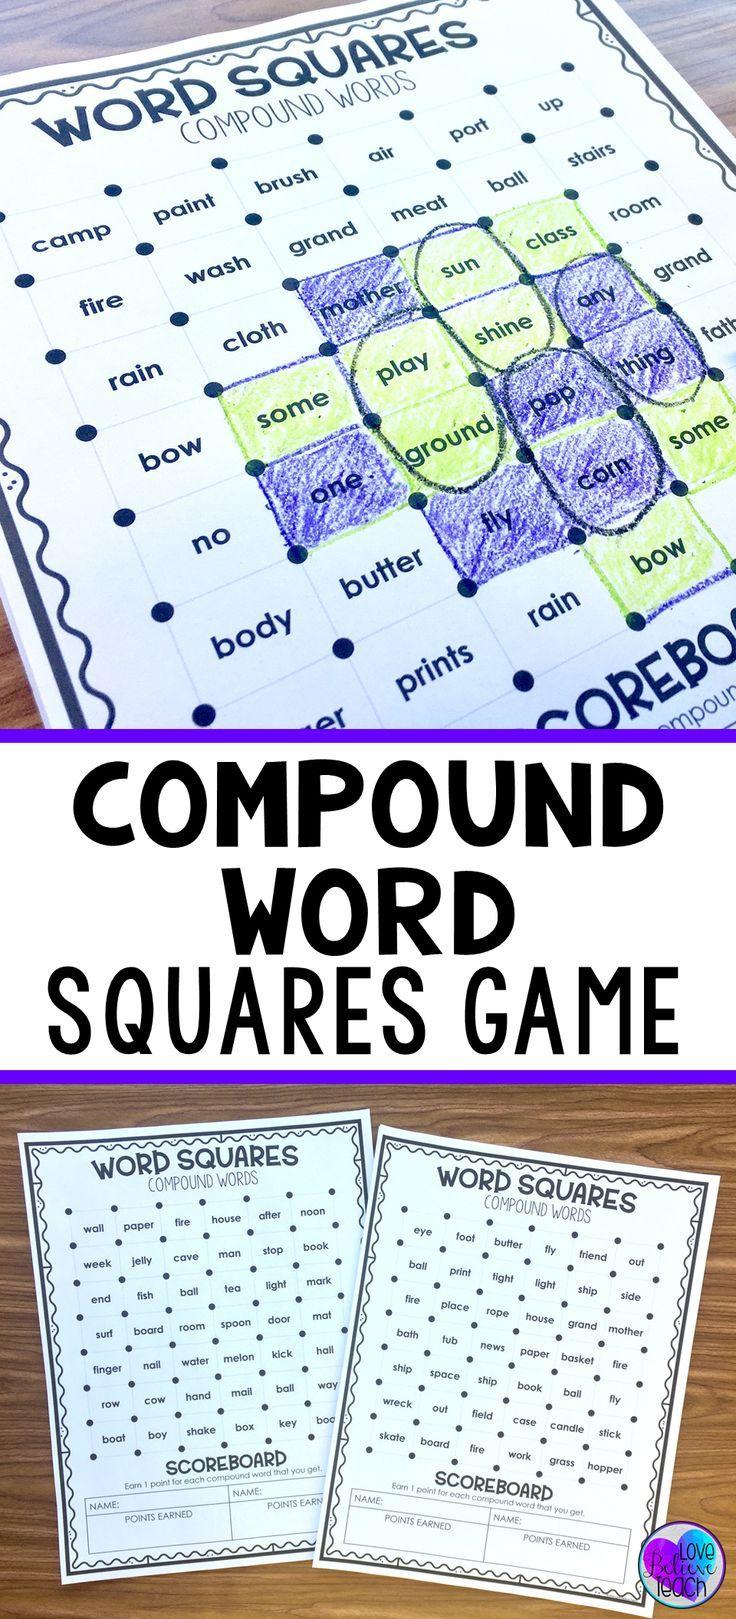 Mejores 226 imágenes de Compound Words en Pinterest   Palabras ...